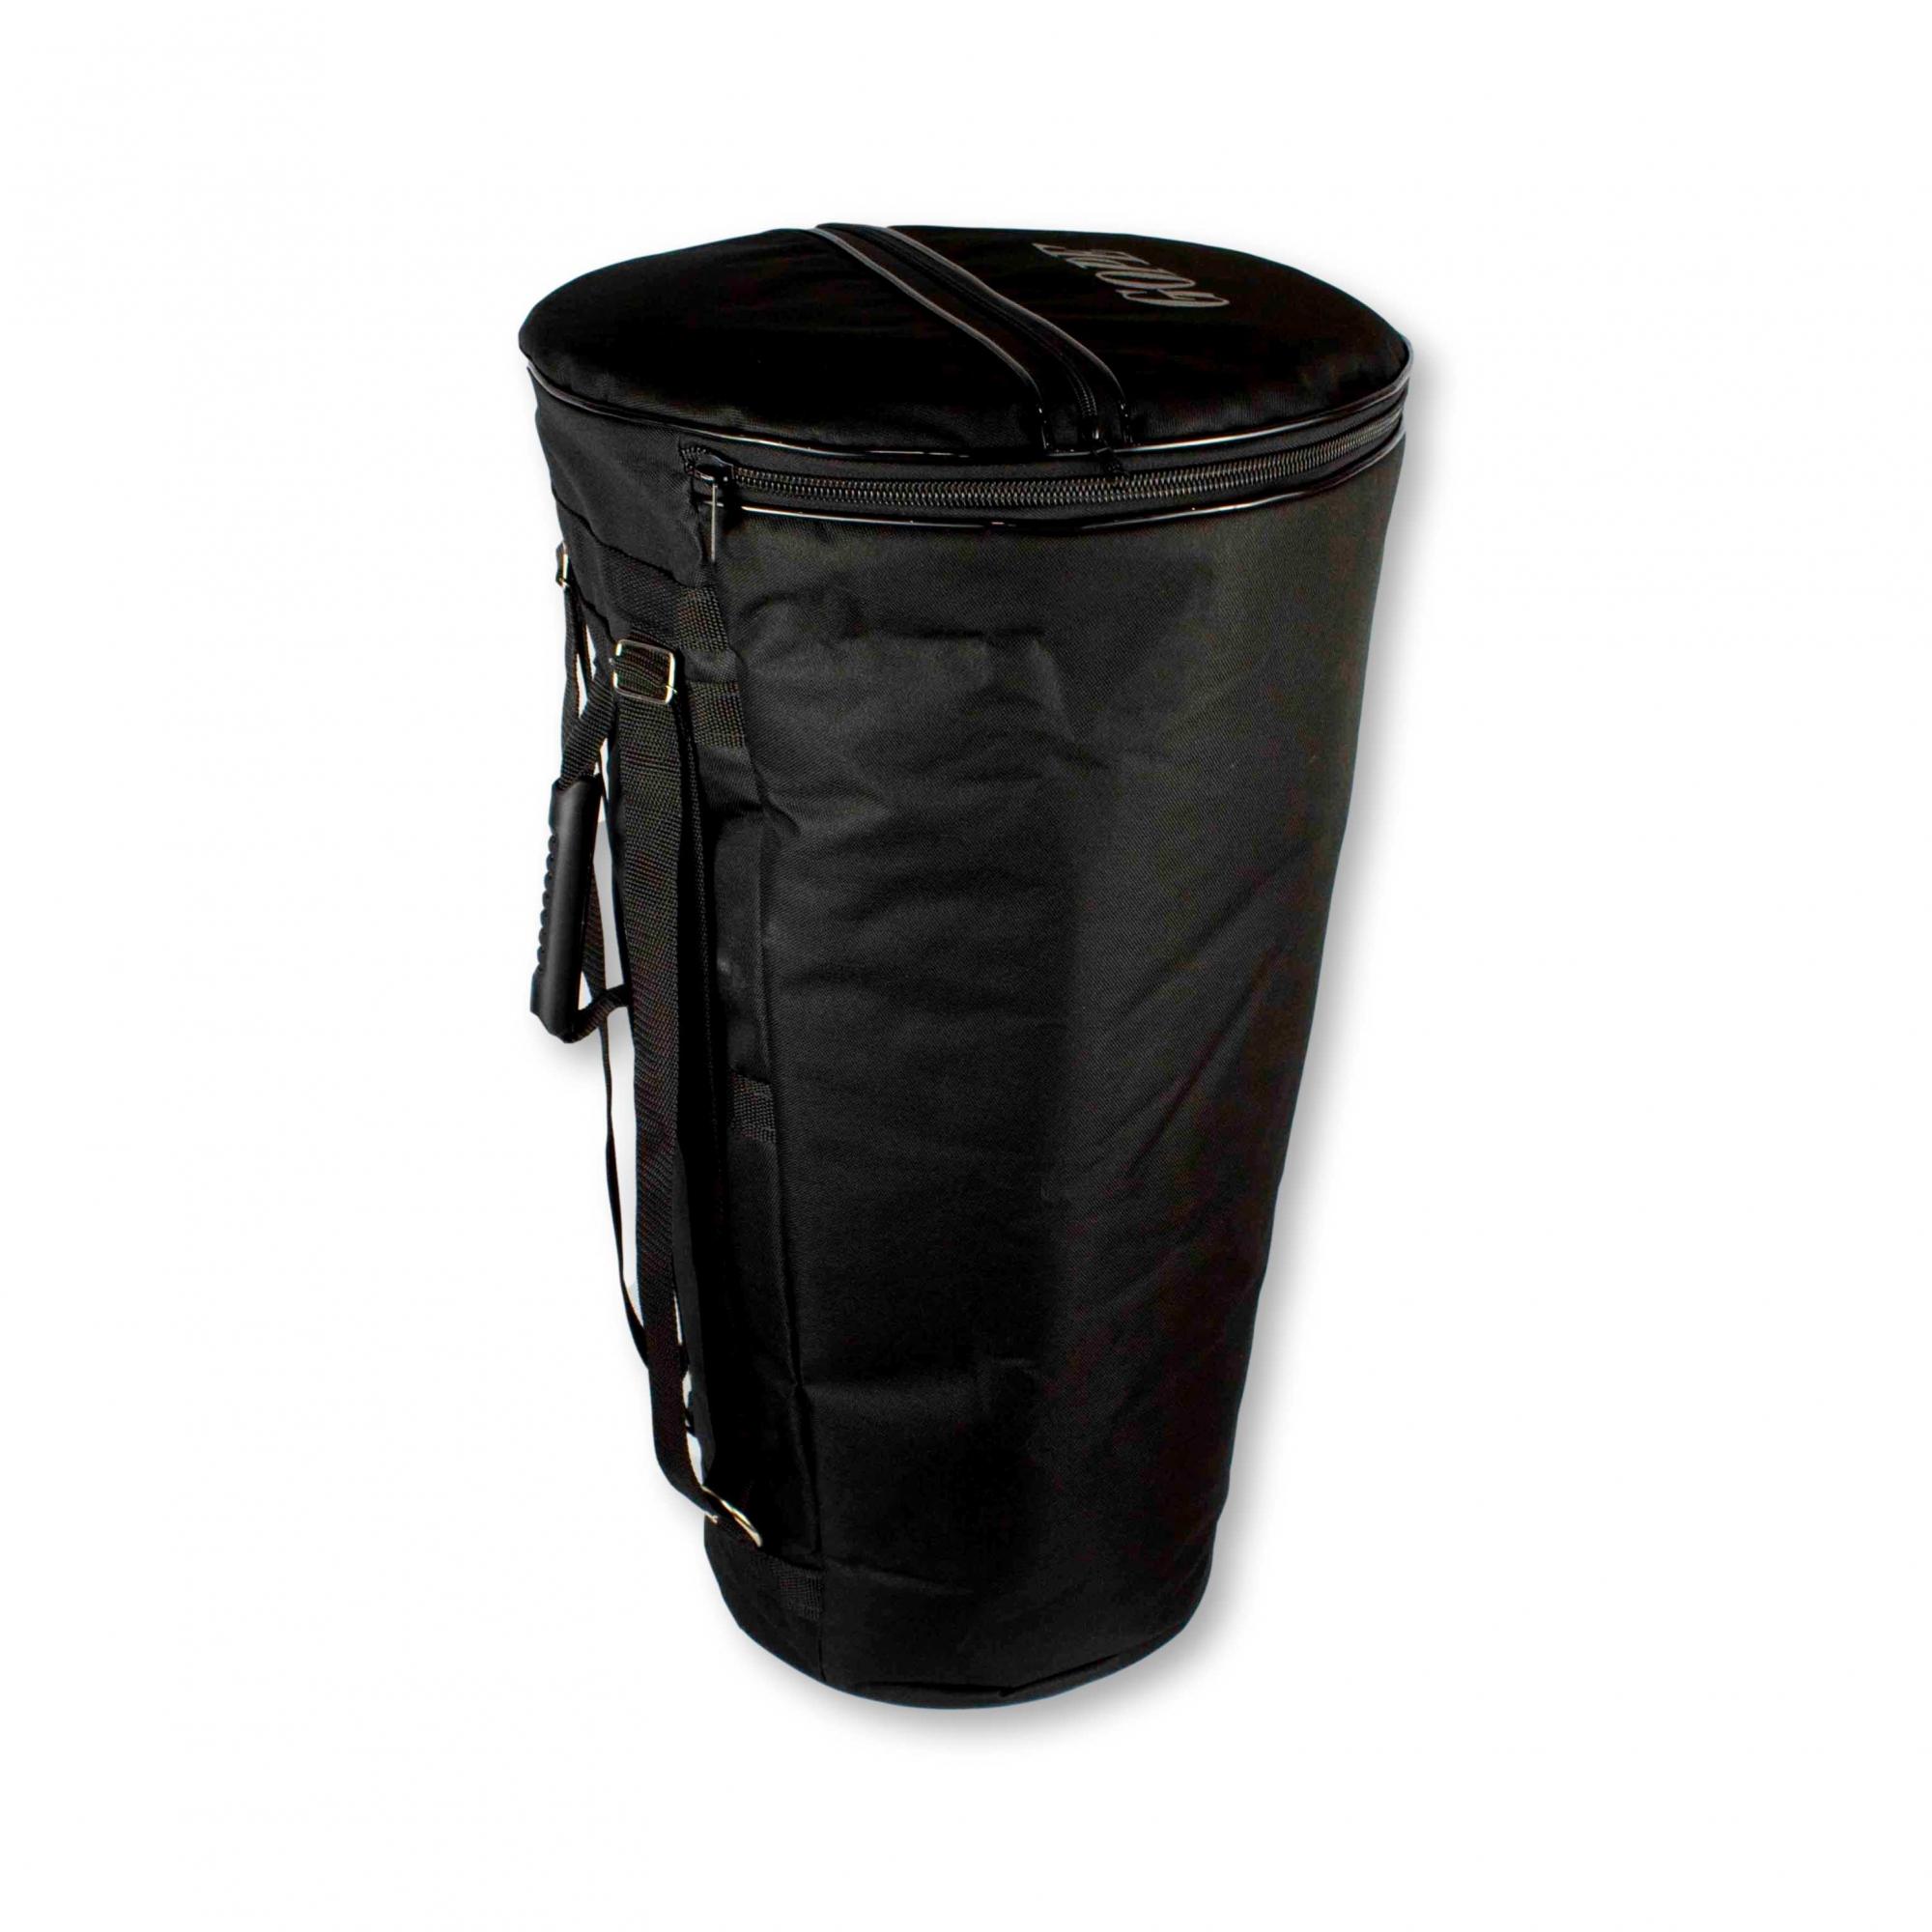 CAPA BAG GOPE PARA REBOLO CONICO 12 POL 65 cm